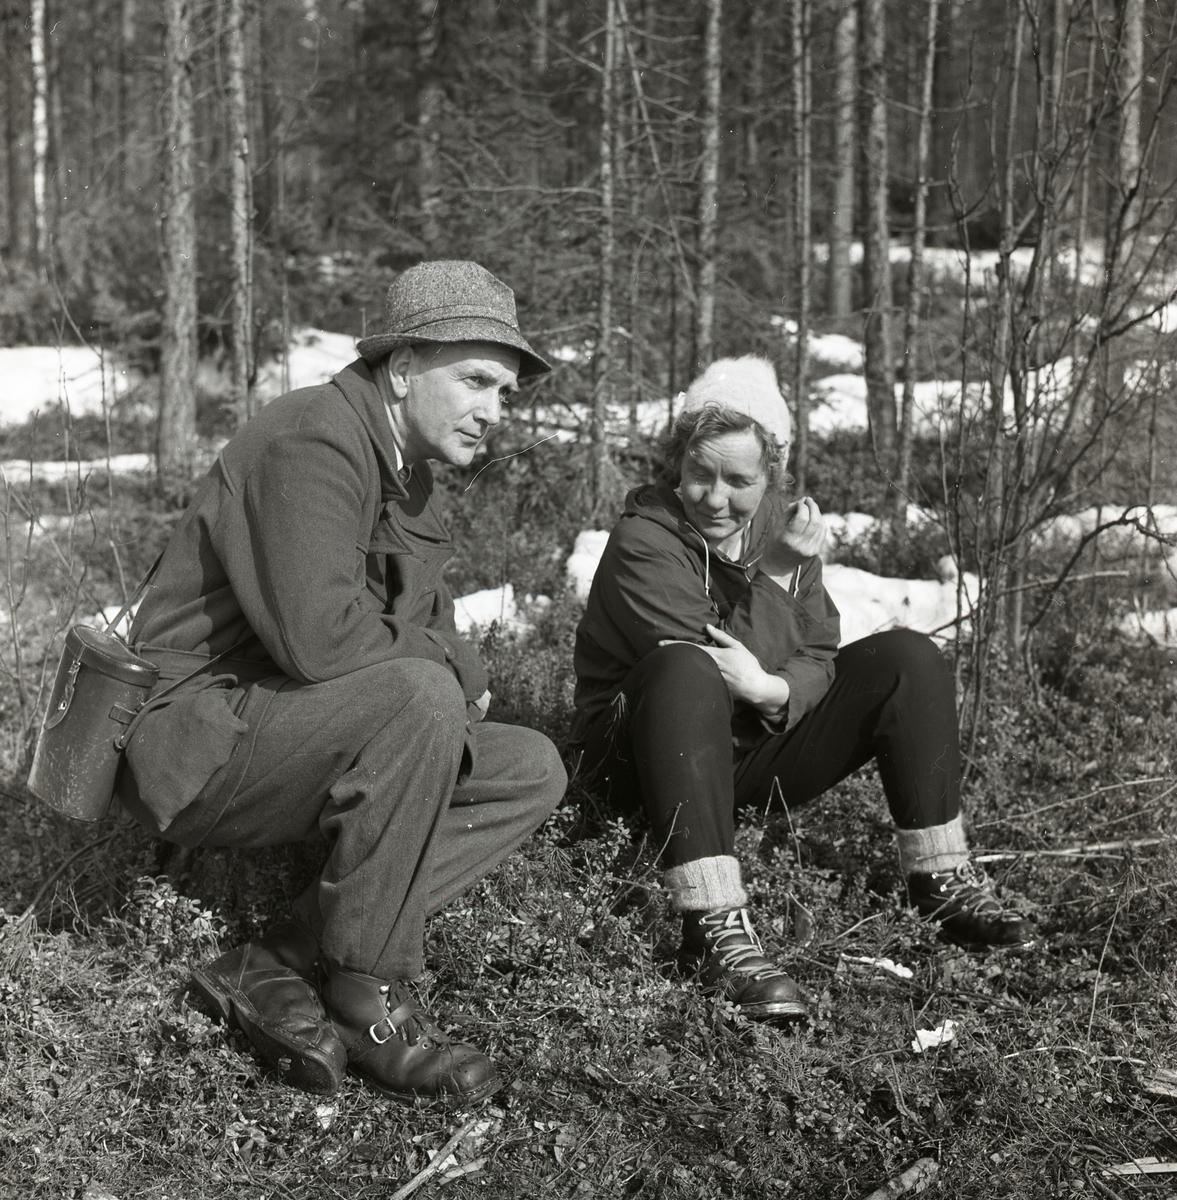 En man och en kvinna sitter bland bärriset i skogen den 27 maj 1958. De befinner sig i Harads och kikar efter fåglar.